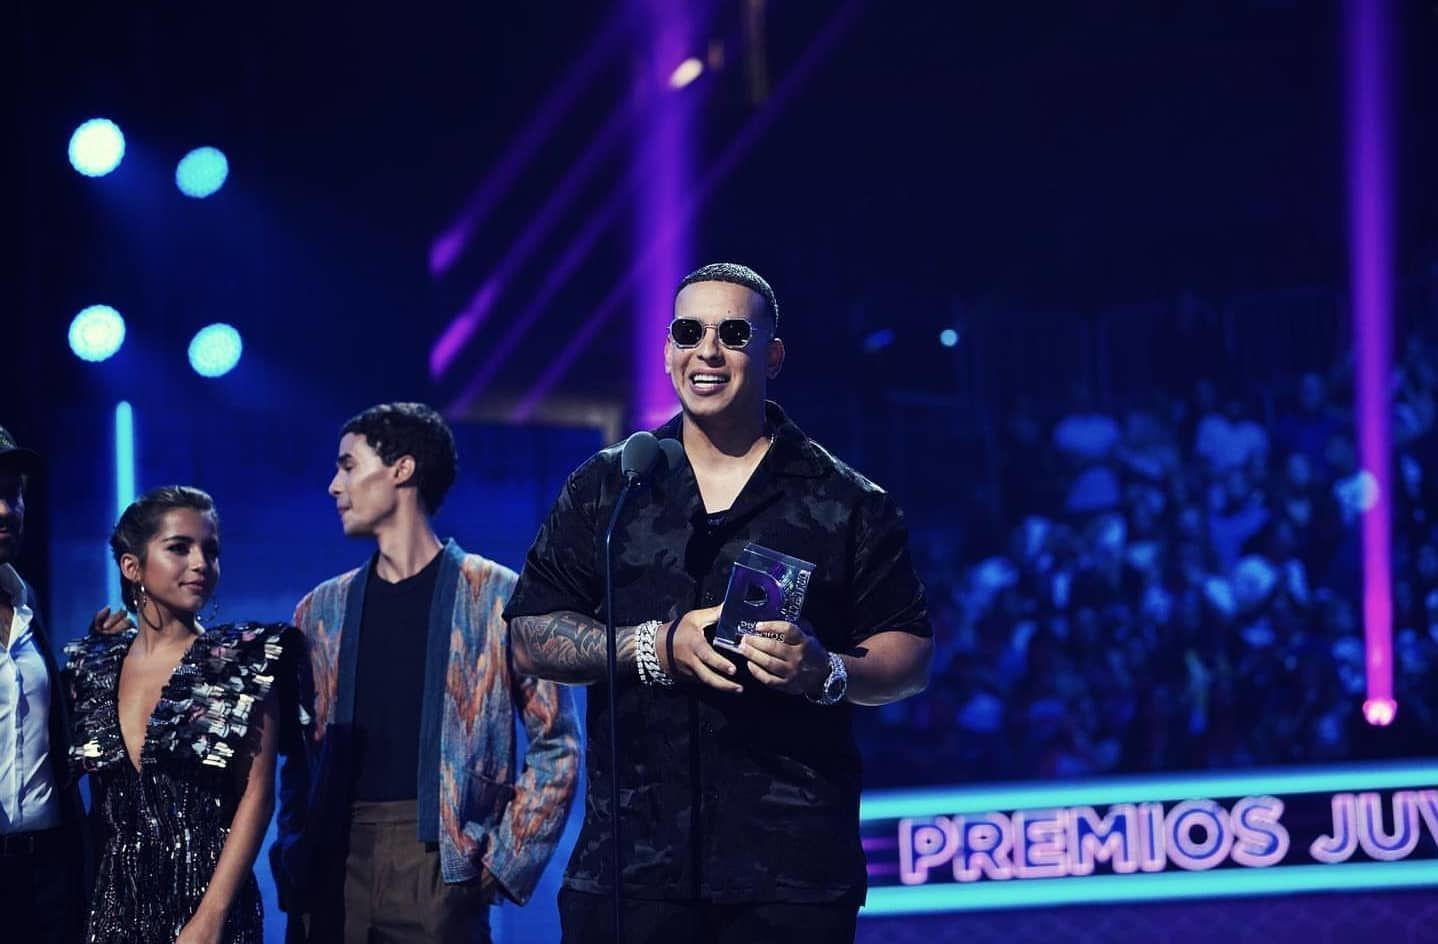 Pedidos de renuncia a Rosselló llegan a los Premios Juventud